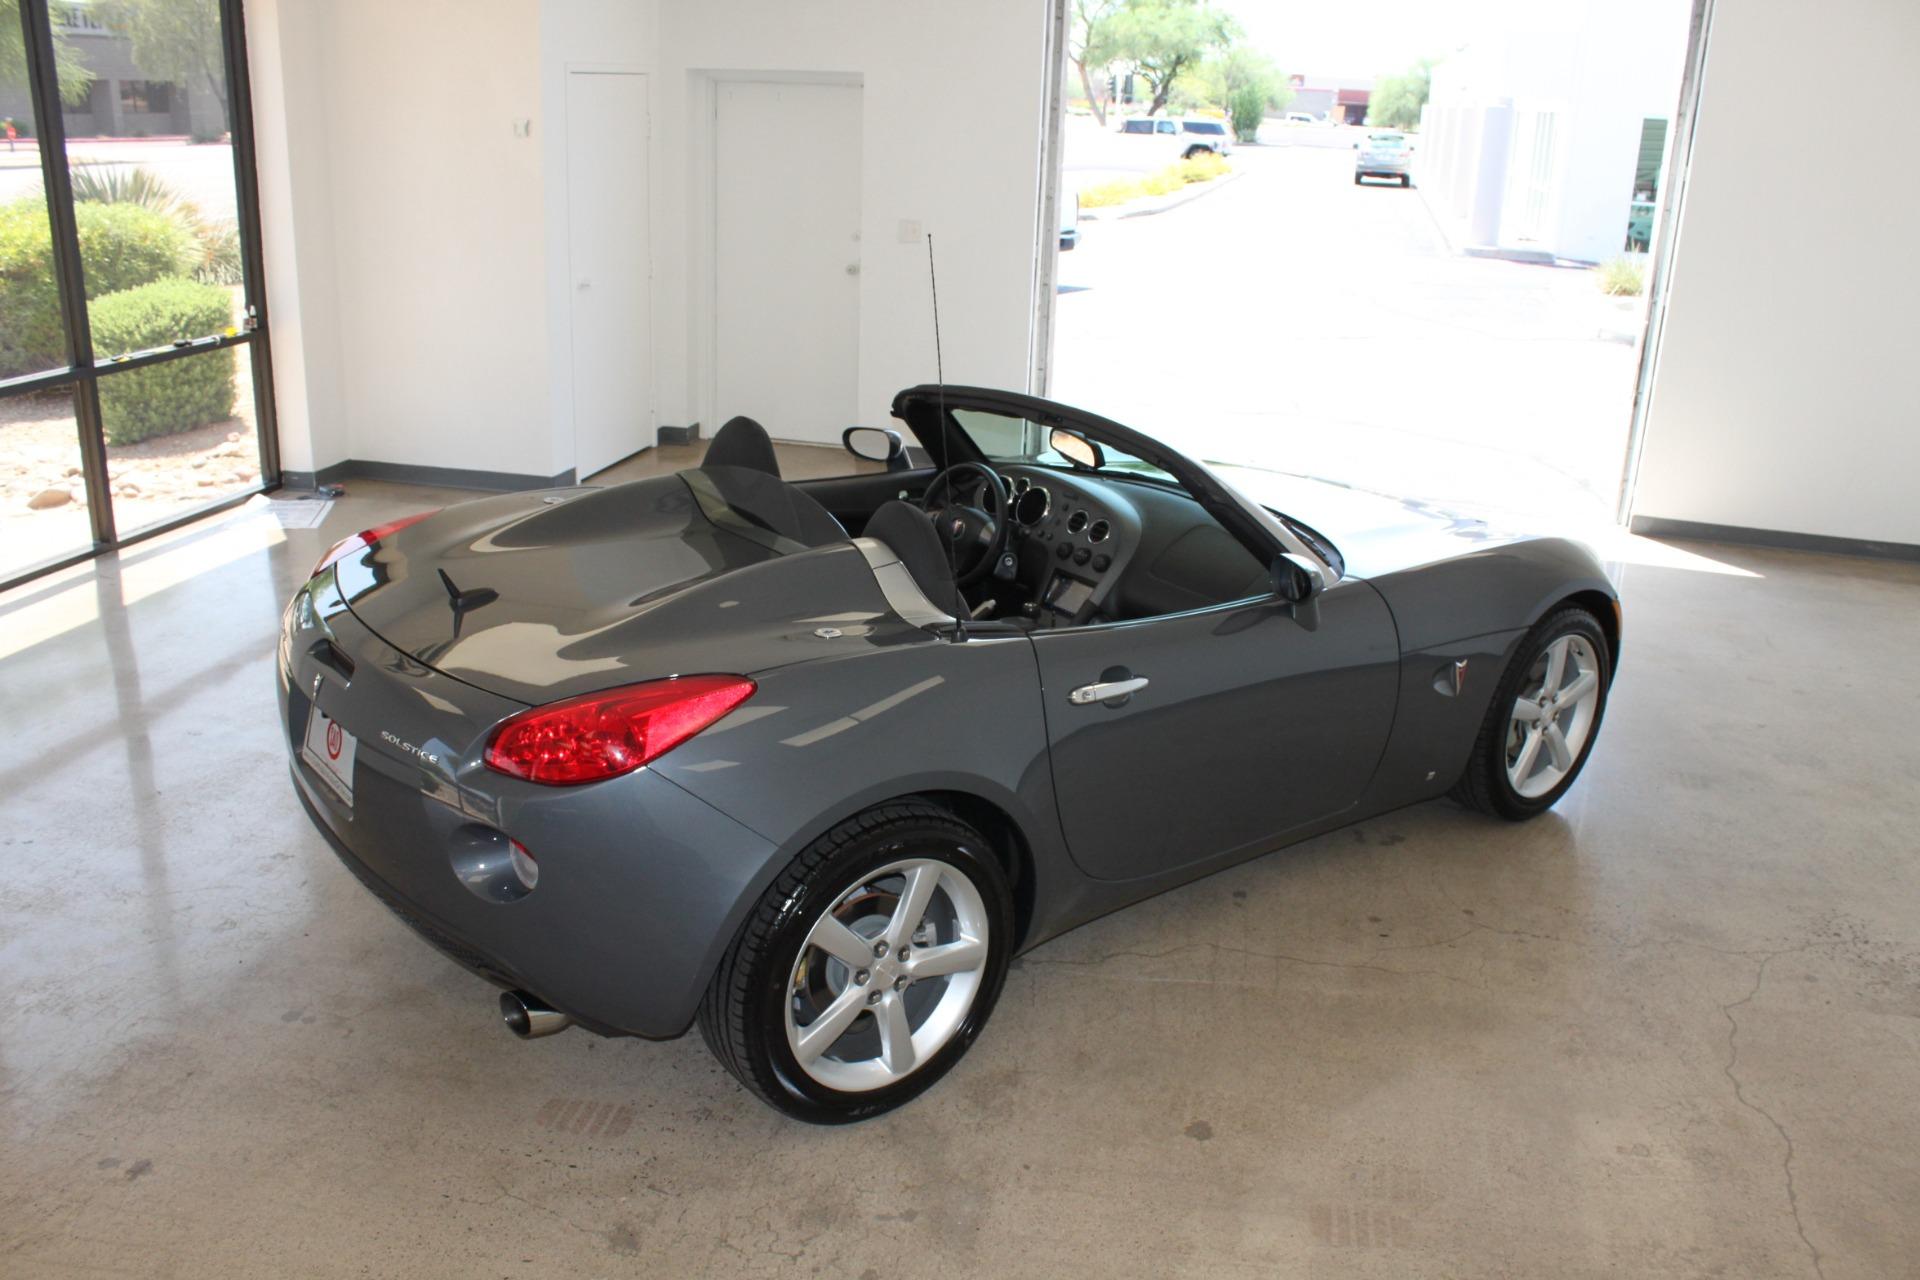 Used-2009-Pontiac-Solstice-Convertible-Jaguar